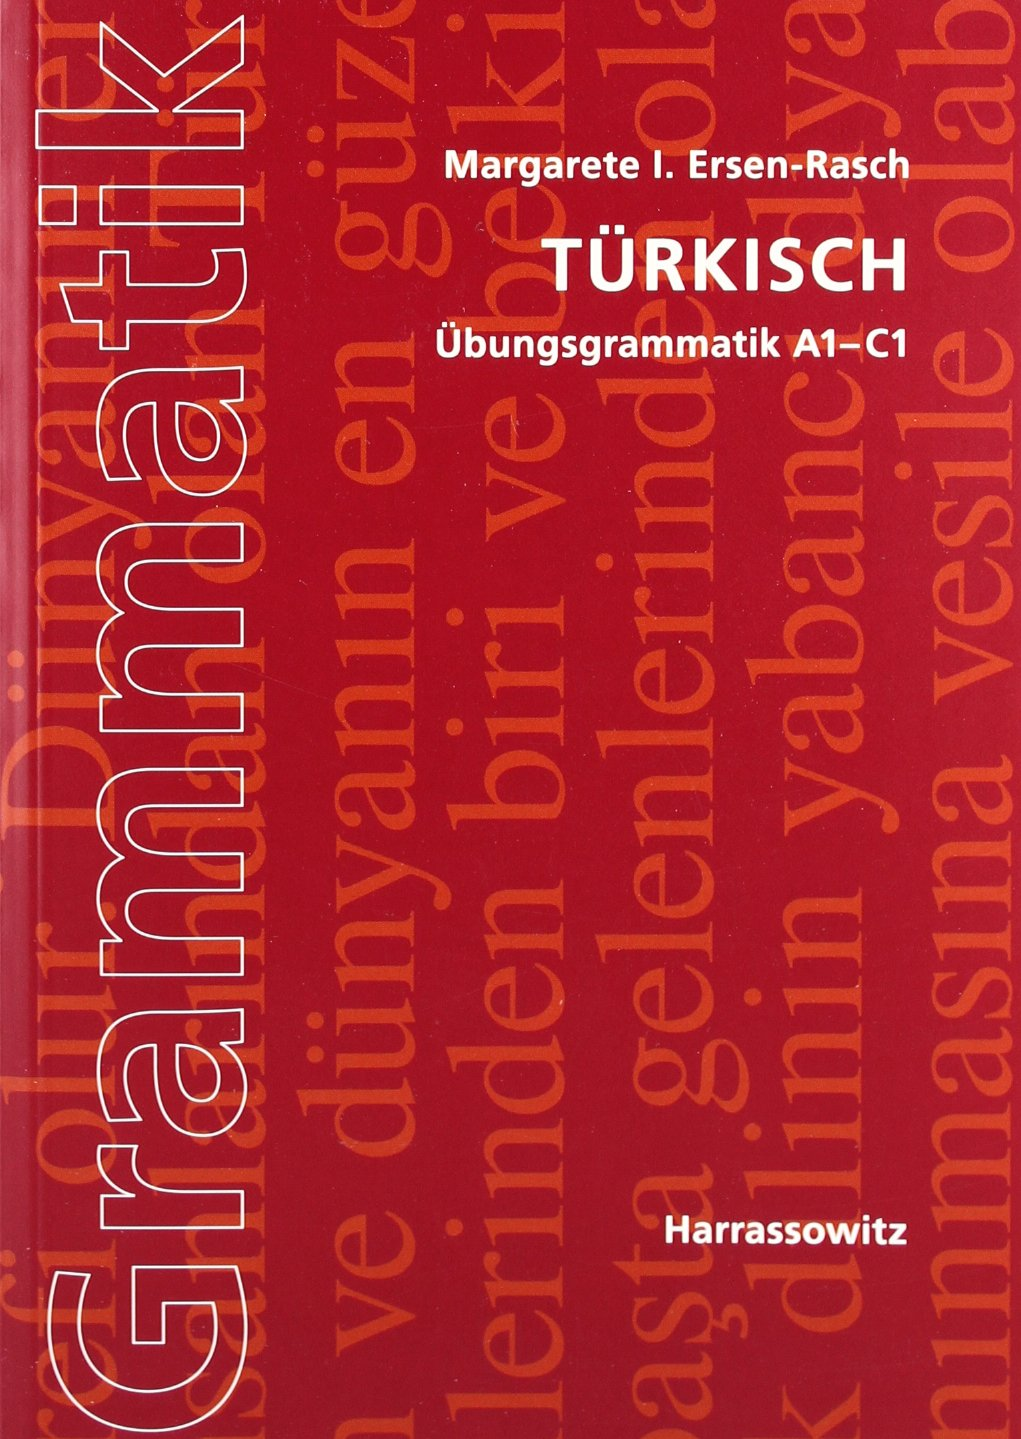 Türkisch: Übungsgrammatik A1-C1